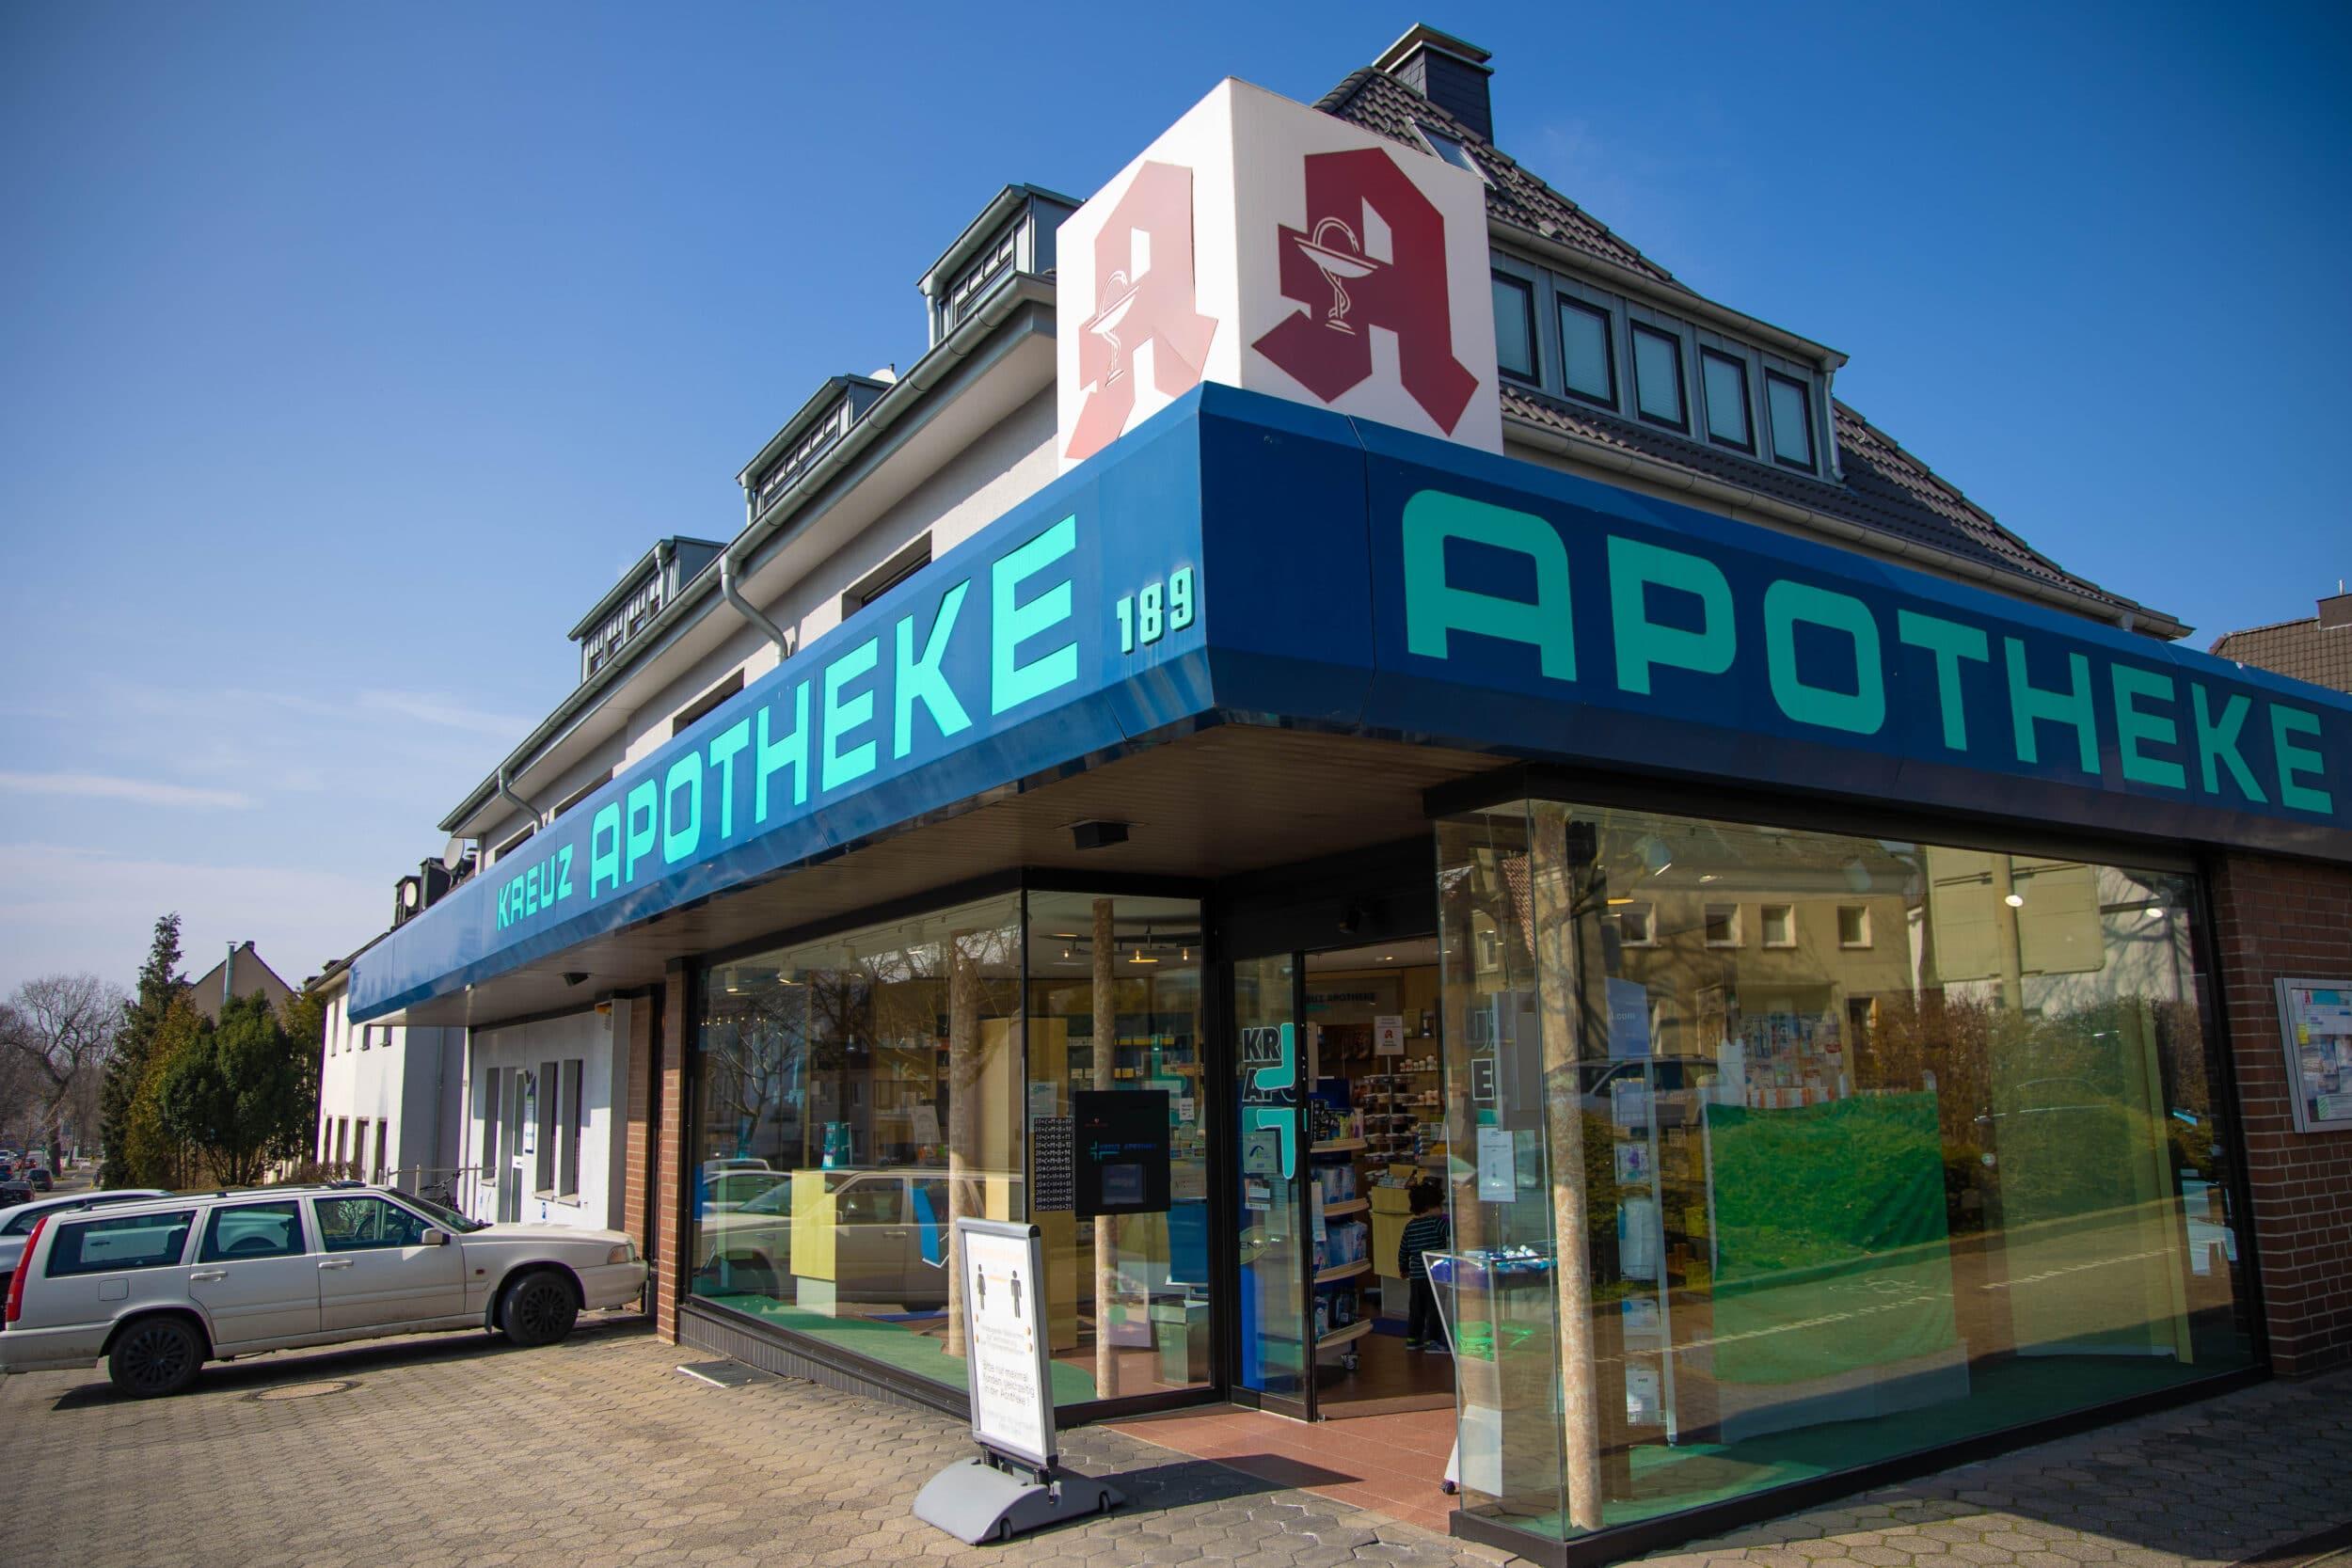 Auch die Kreuz-Apotheke in Barop bietet kostenlose Schnelltests an. (Foto: Wir in Dortmund)